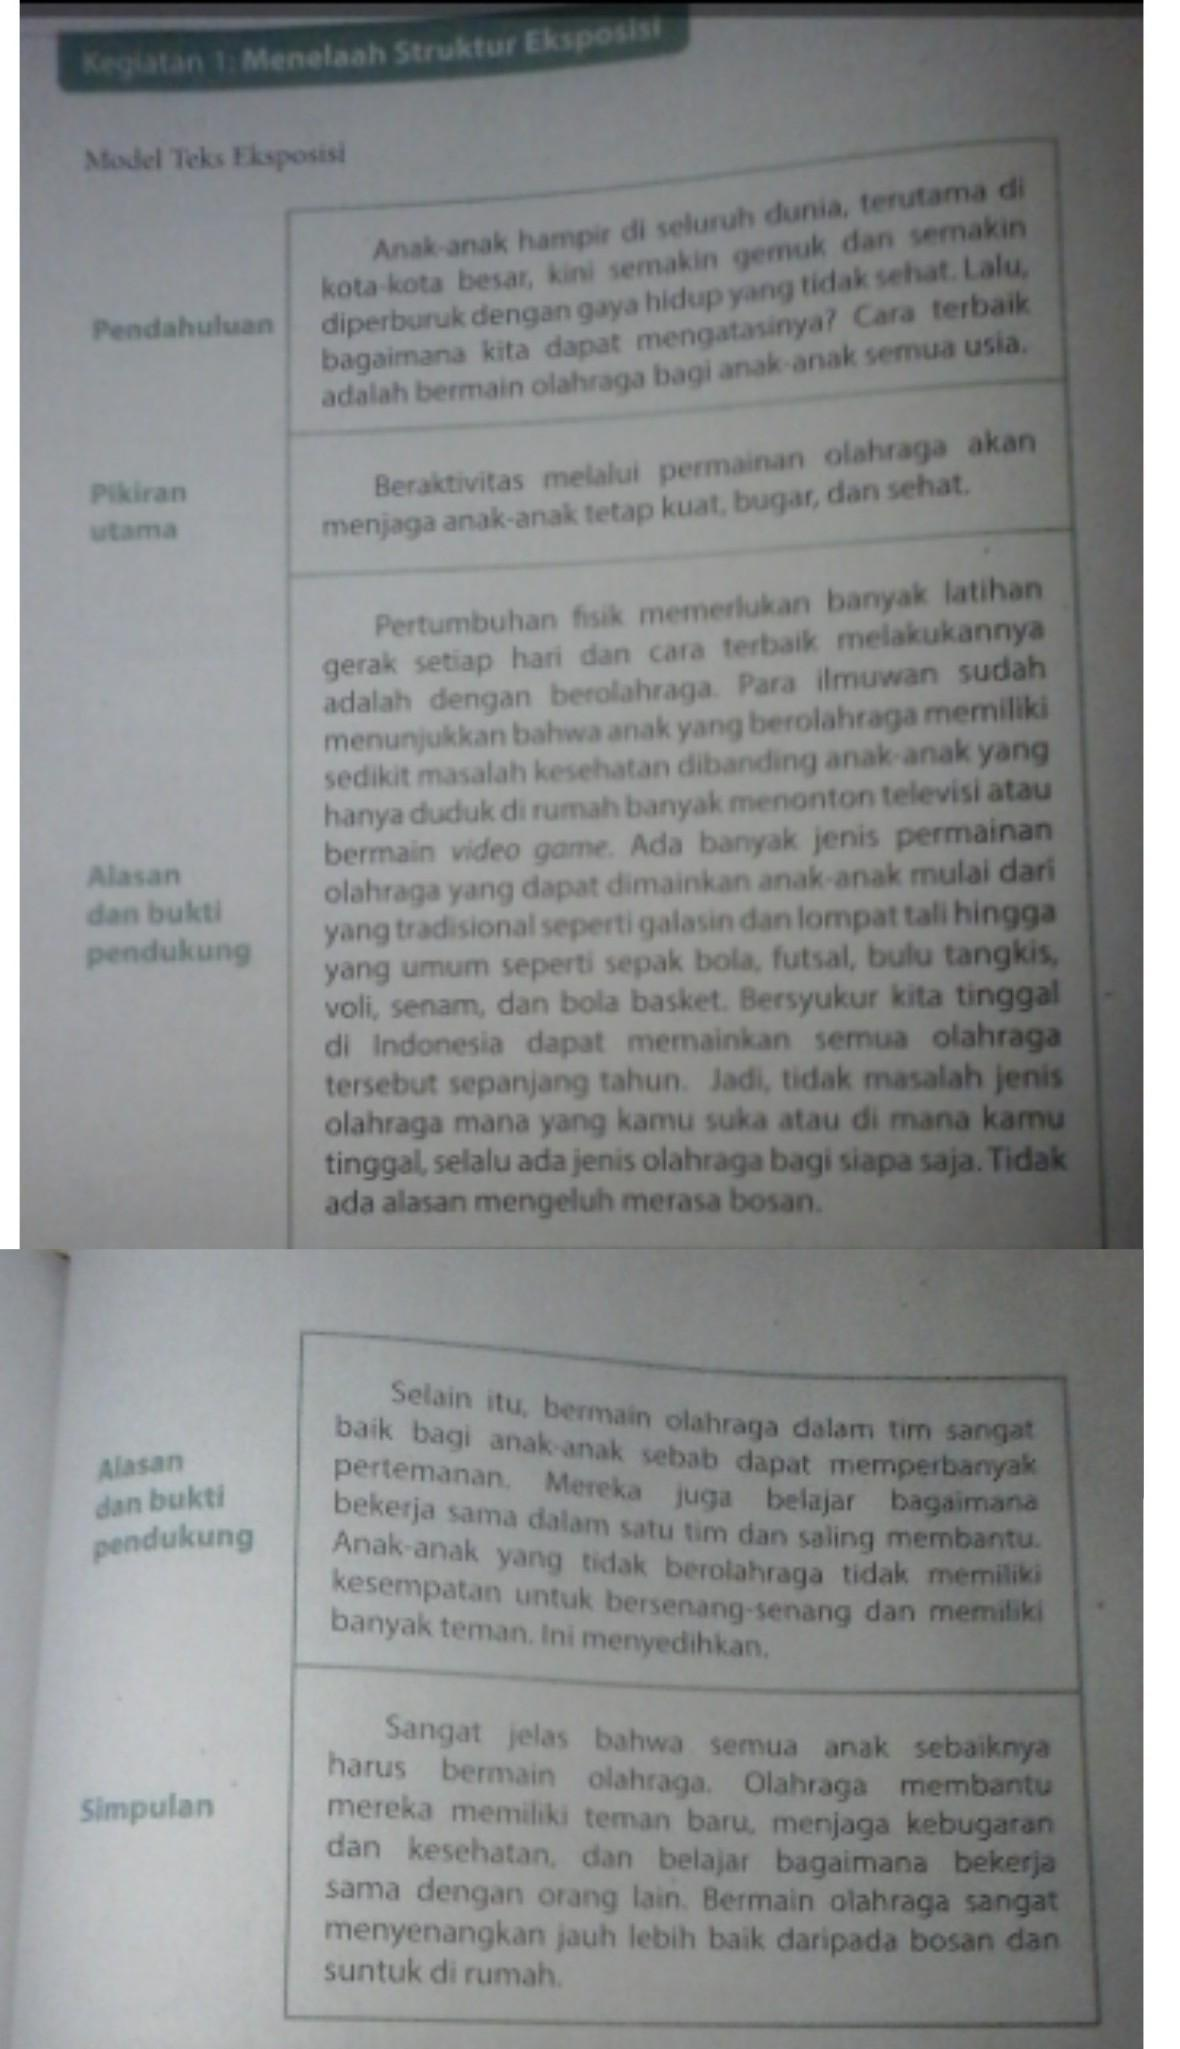 Bagaimana Penyajian Informasi Dalam Teks Eksposisi : bagaimana, penyajian, informasi, dalam, eksposisi, Bagian, Pendahuluan,, Penulis, Menggunakan, 'kita', Mengapa, Melakukan, Ini?5., Brainly.co.id